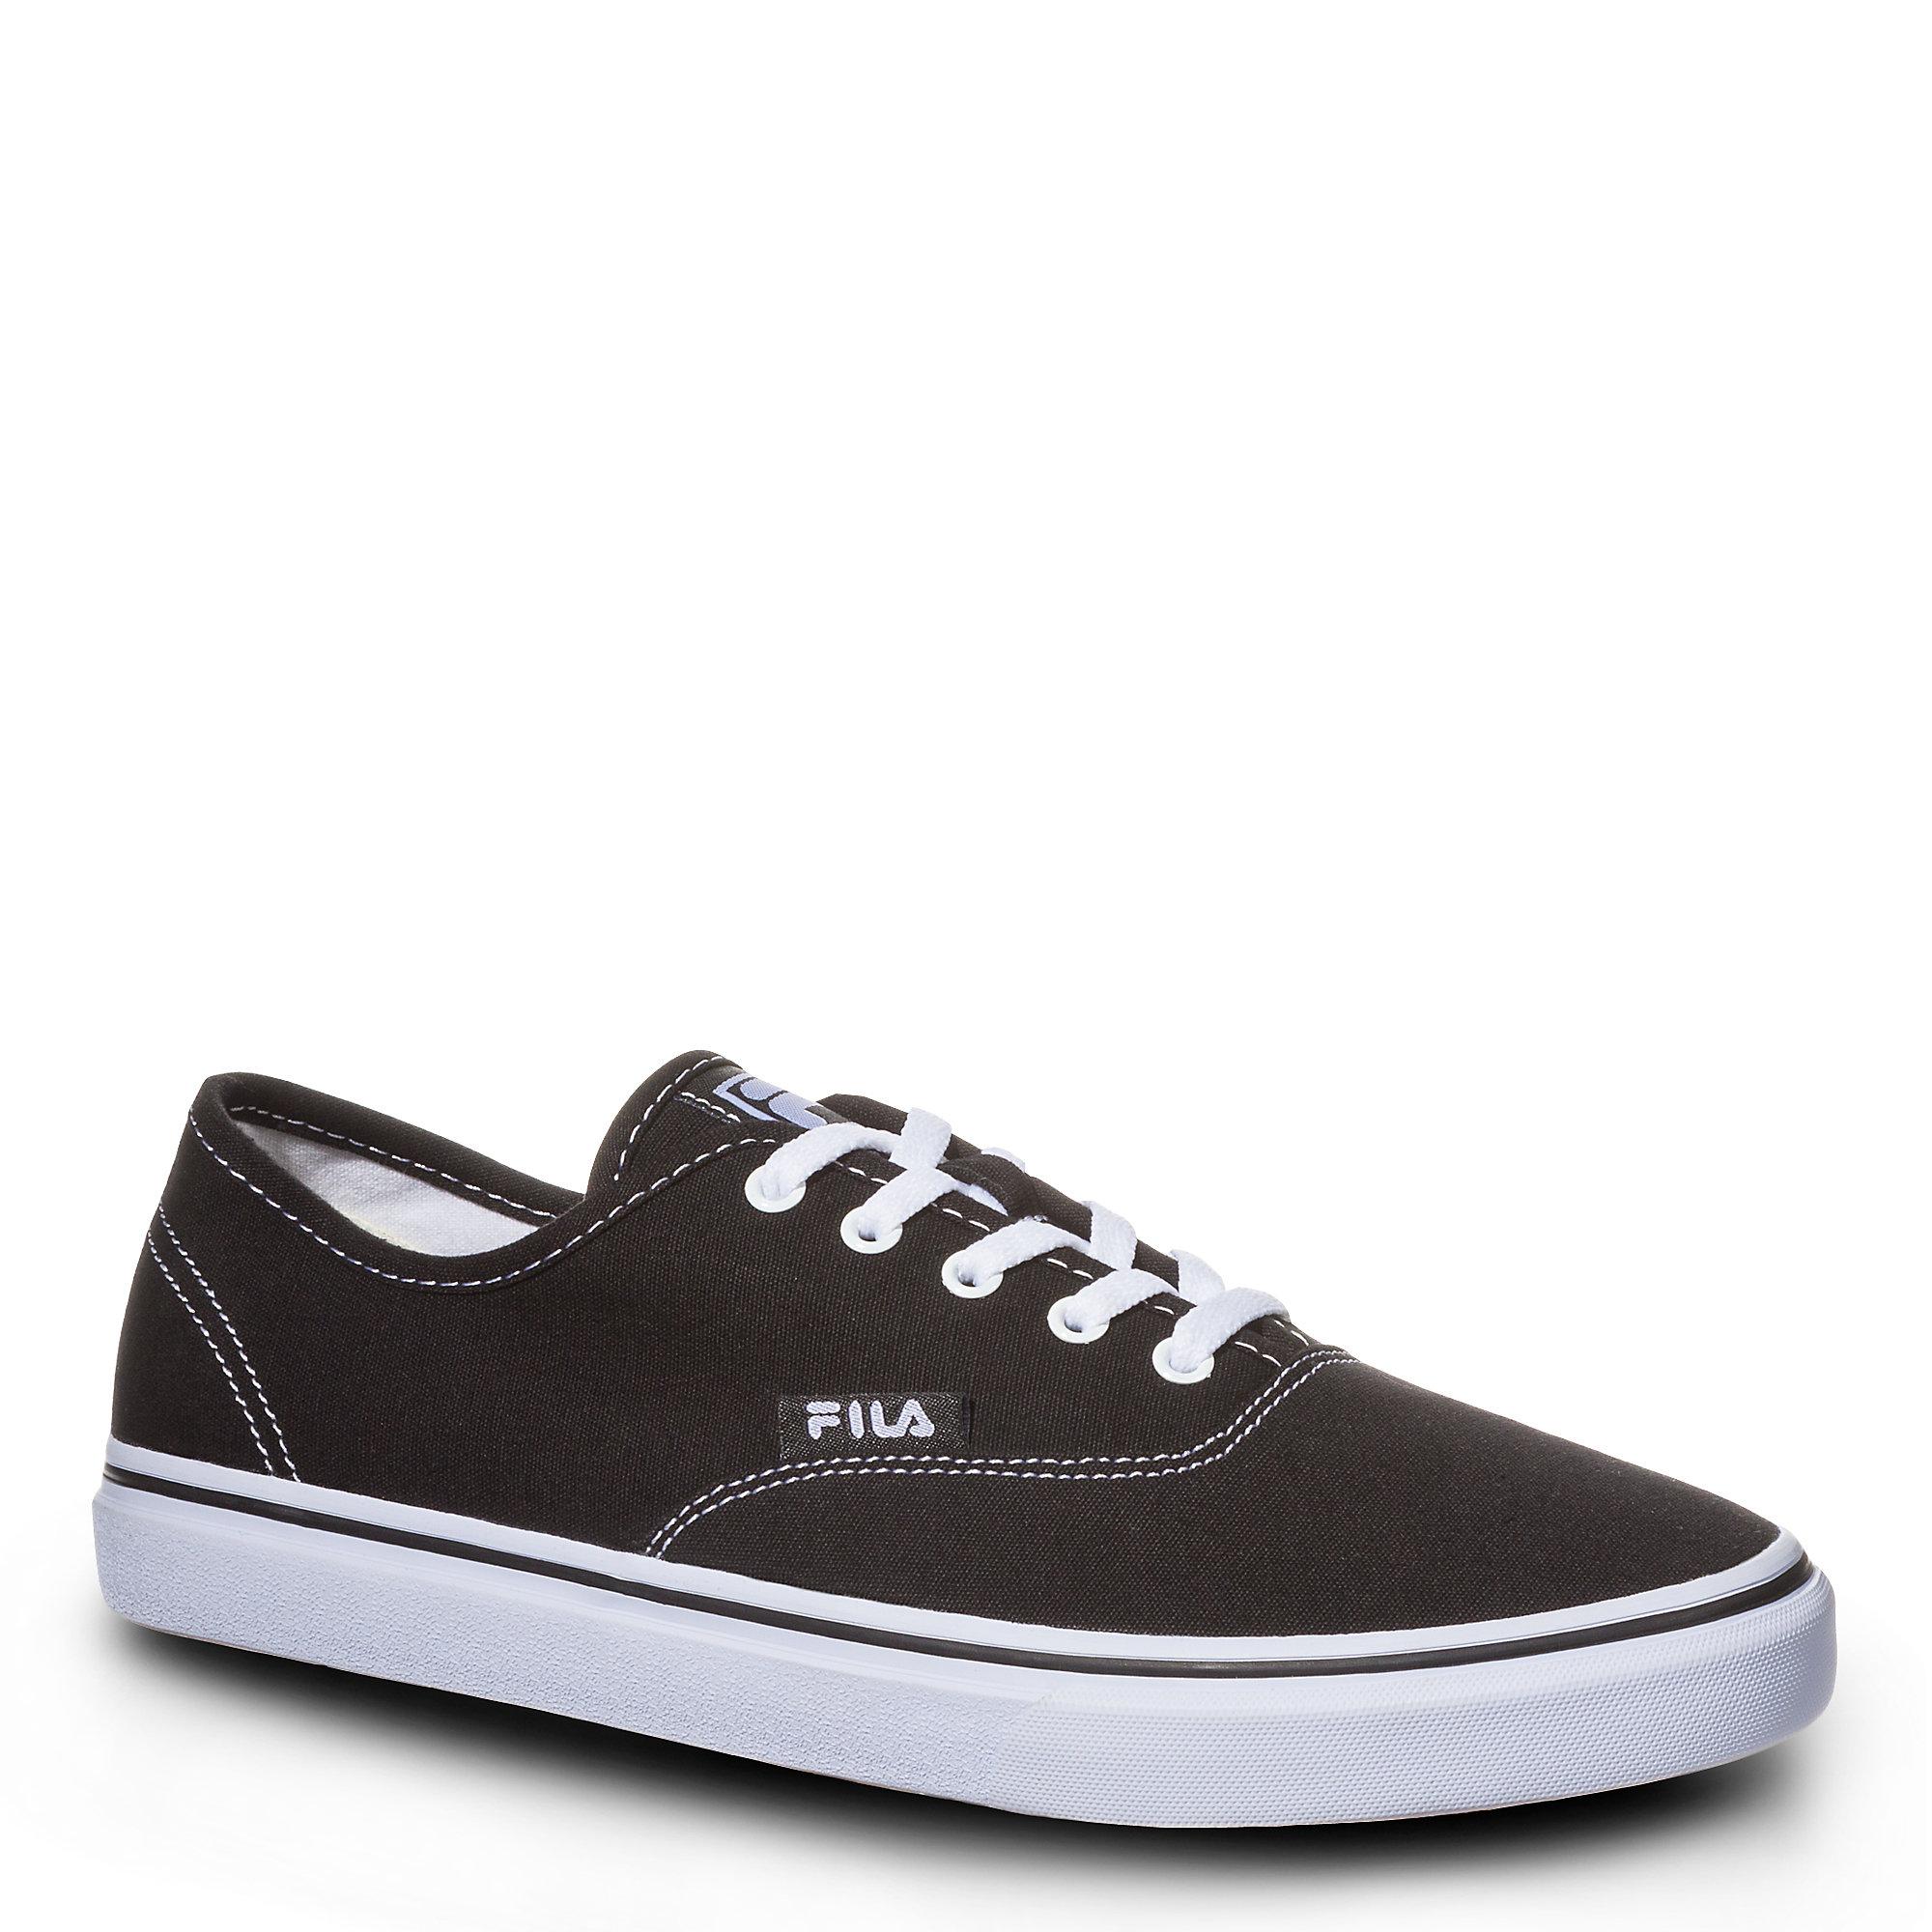 FILA Mens Classic Canvas Shoes